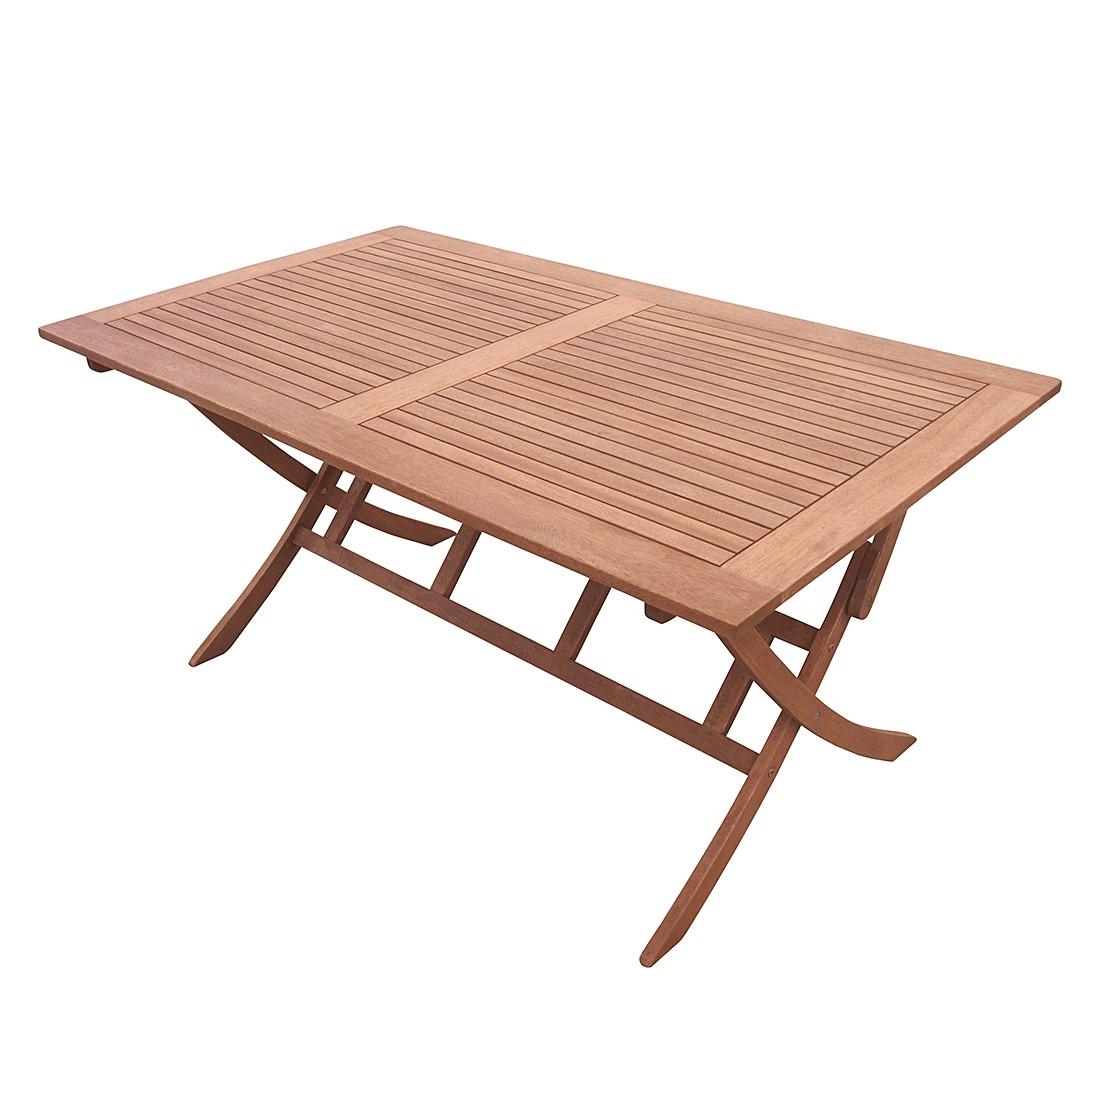 gartentisch eukalyptus g nstig kaufen. Black Bedroom Furniture Sets. Home Design Ideas